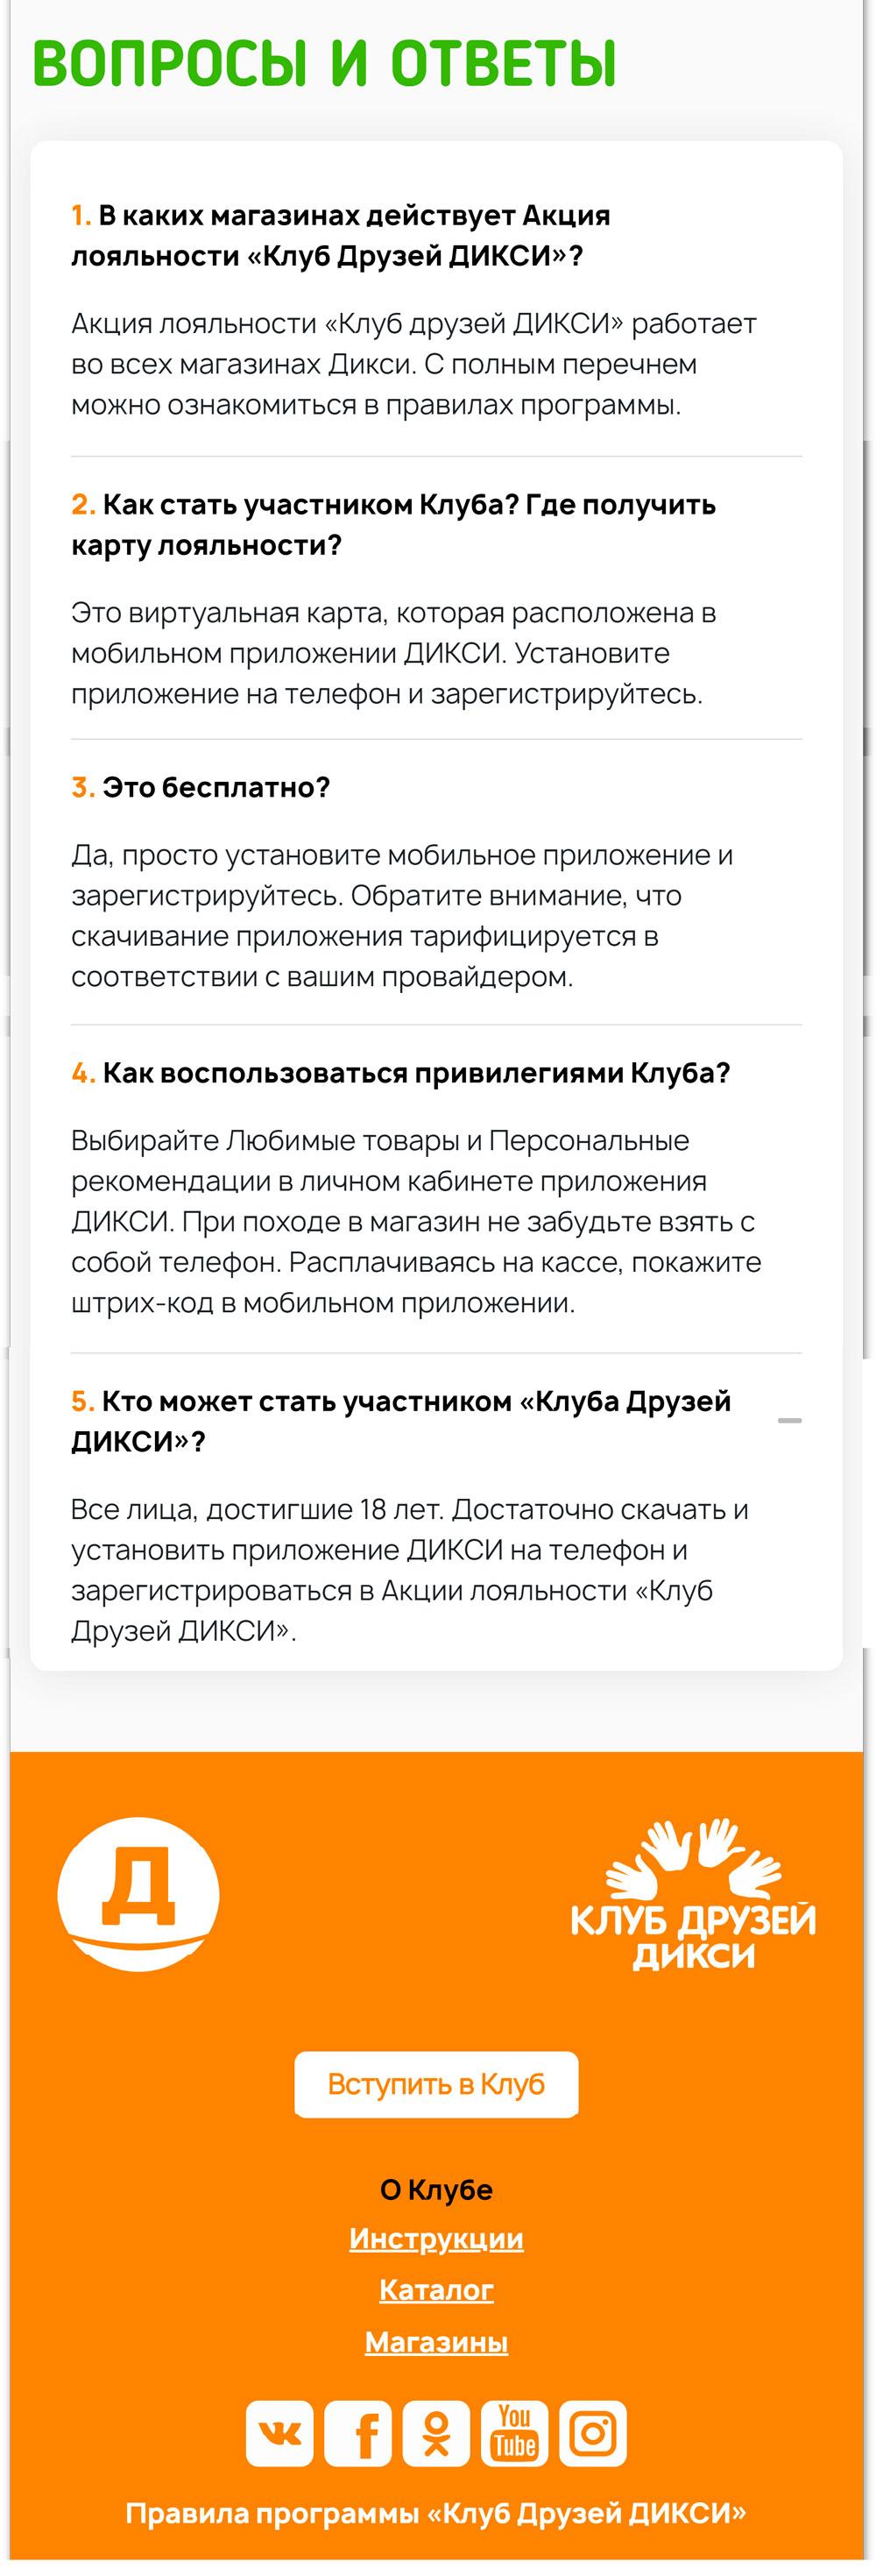 Клуб друзей дикси регистрация москва приложение клуб в москве все включено